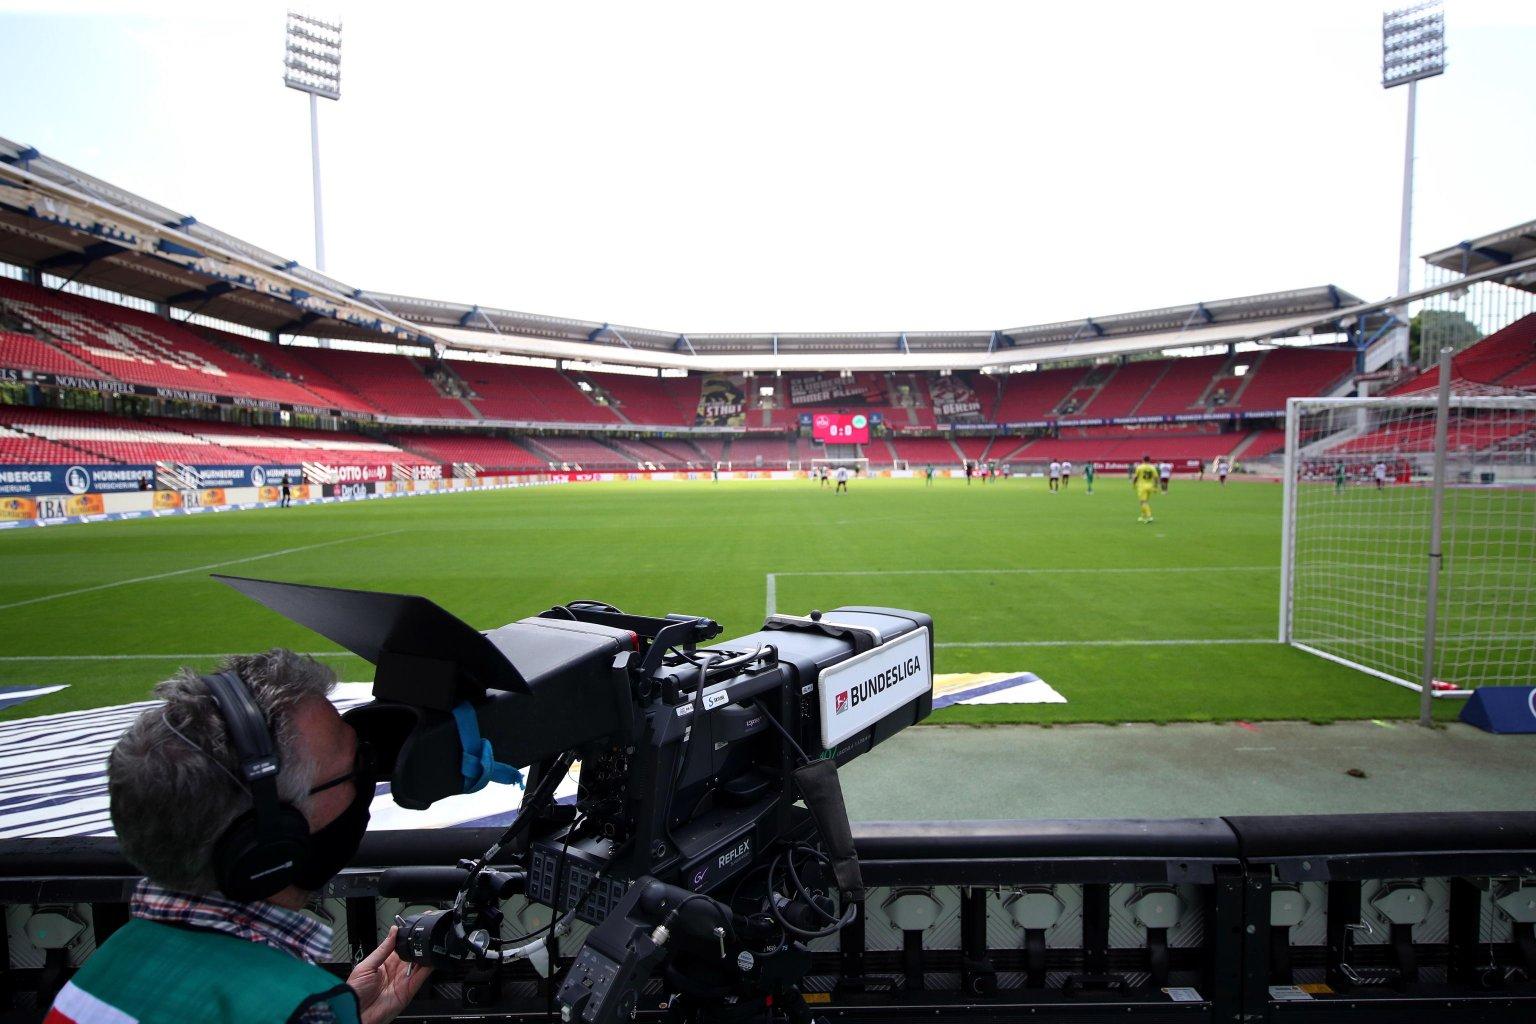 Calcio Estero Sky Sport, Diretta Gol Bundesliga | Palinsesto e Telecronisti 32a Giornata